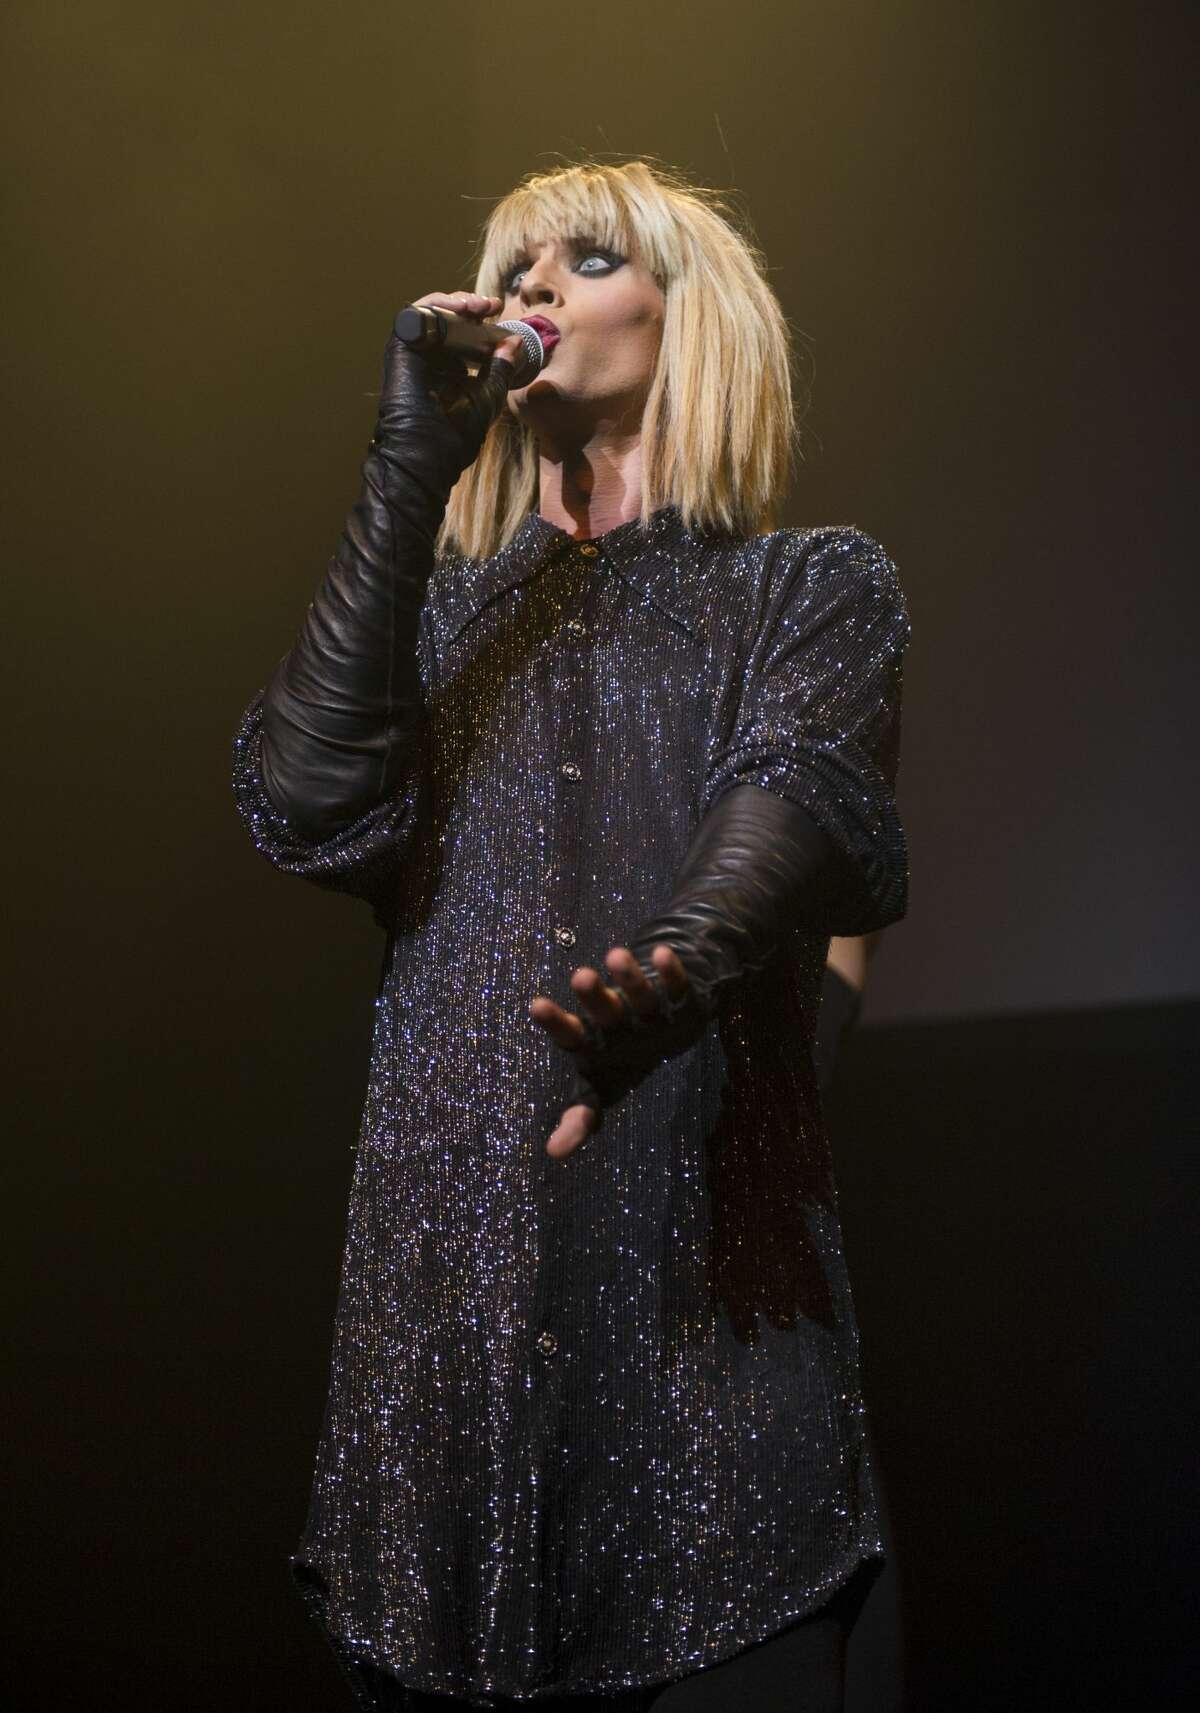 Katya performs during RuPaul's Drag Race